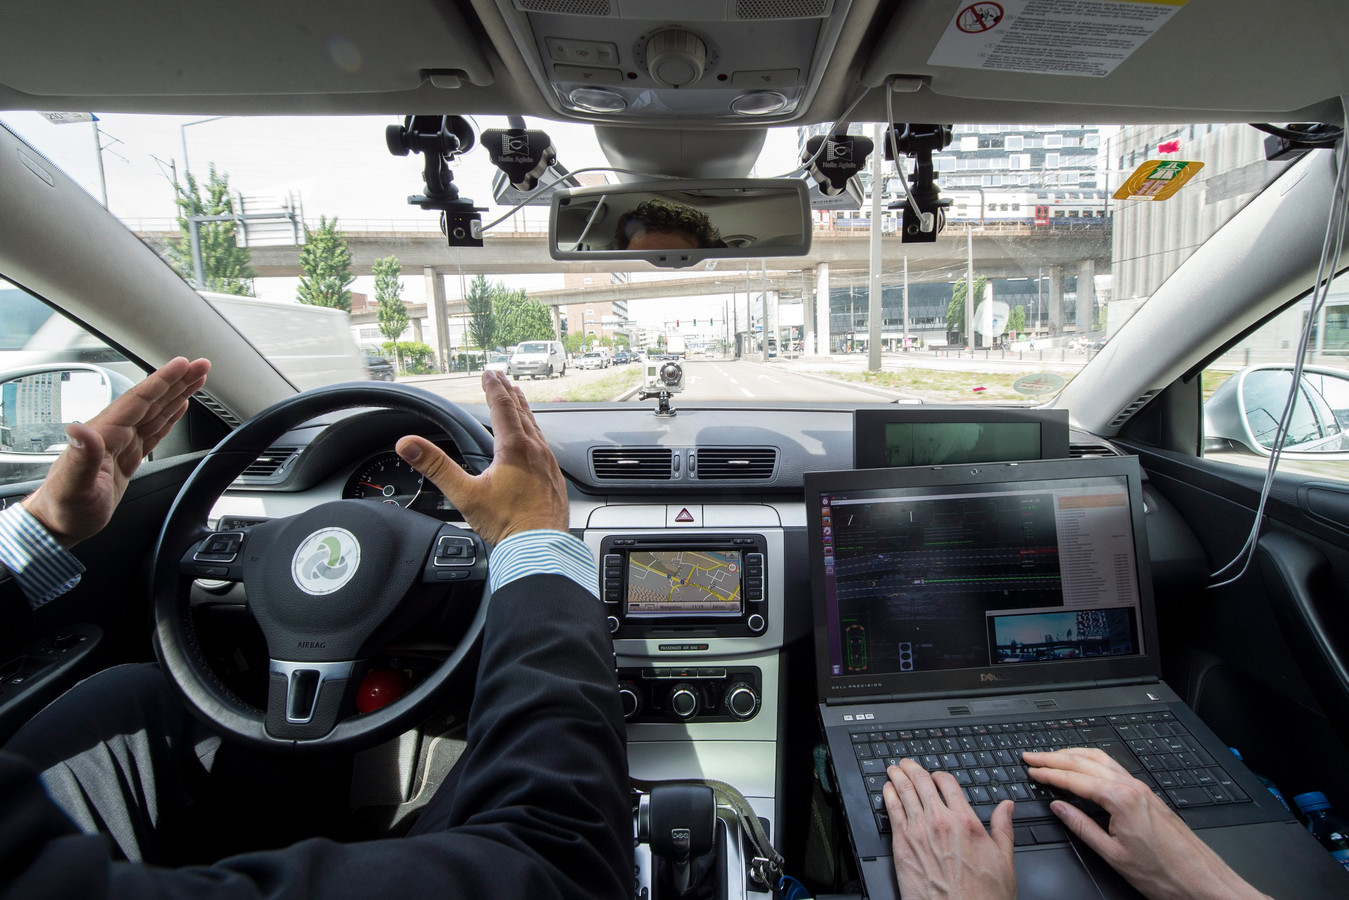 Bij deze proef zijn camera's en sensoren duidelijk zichtbaar. De tientallen sensoren in moderne auto's zijn vrijwel onzichtbaar en leveren steeds meer data over de toestand van de auto, het verkeer én de weg.